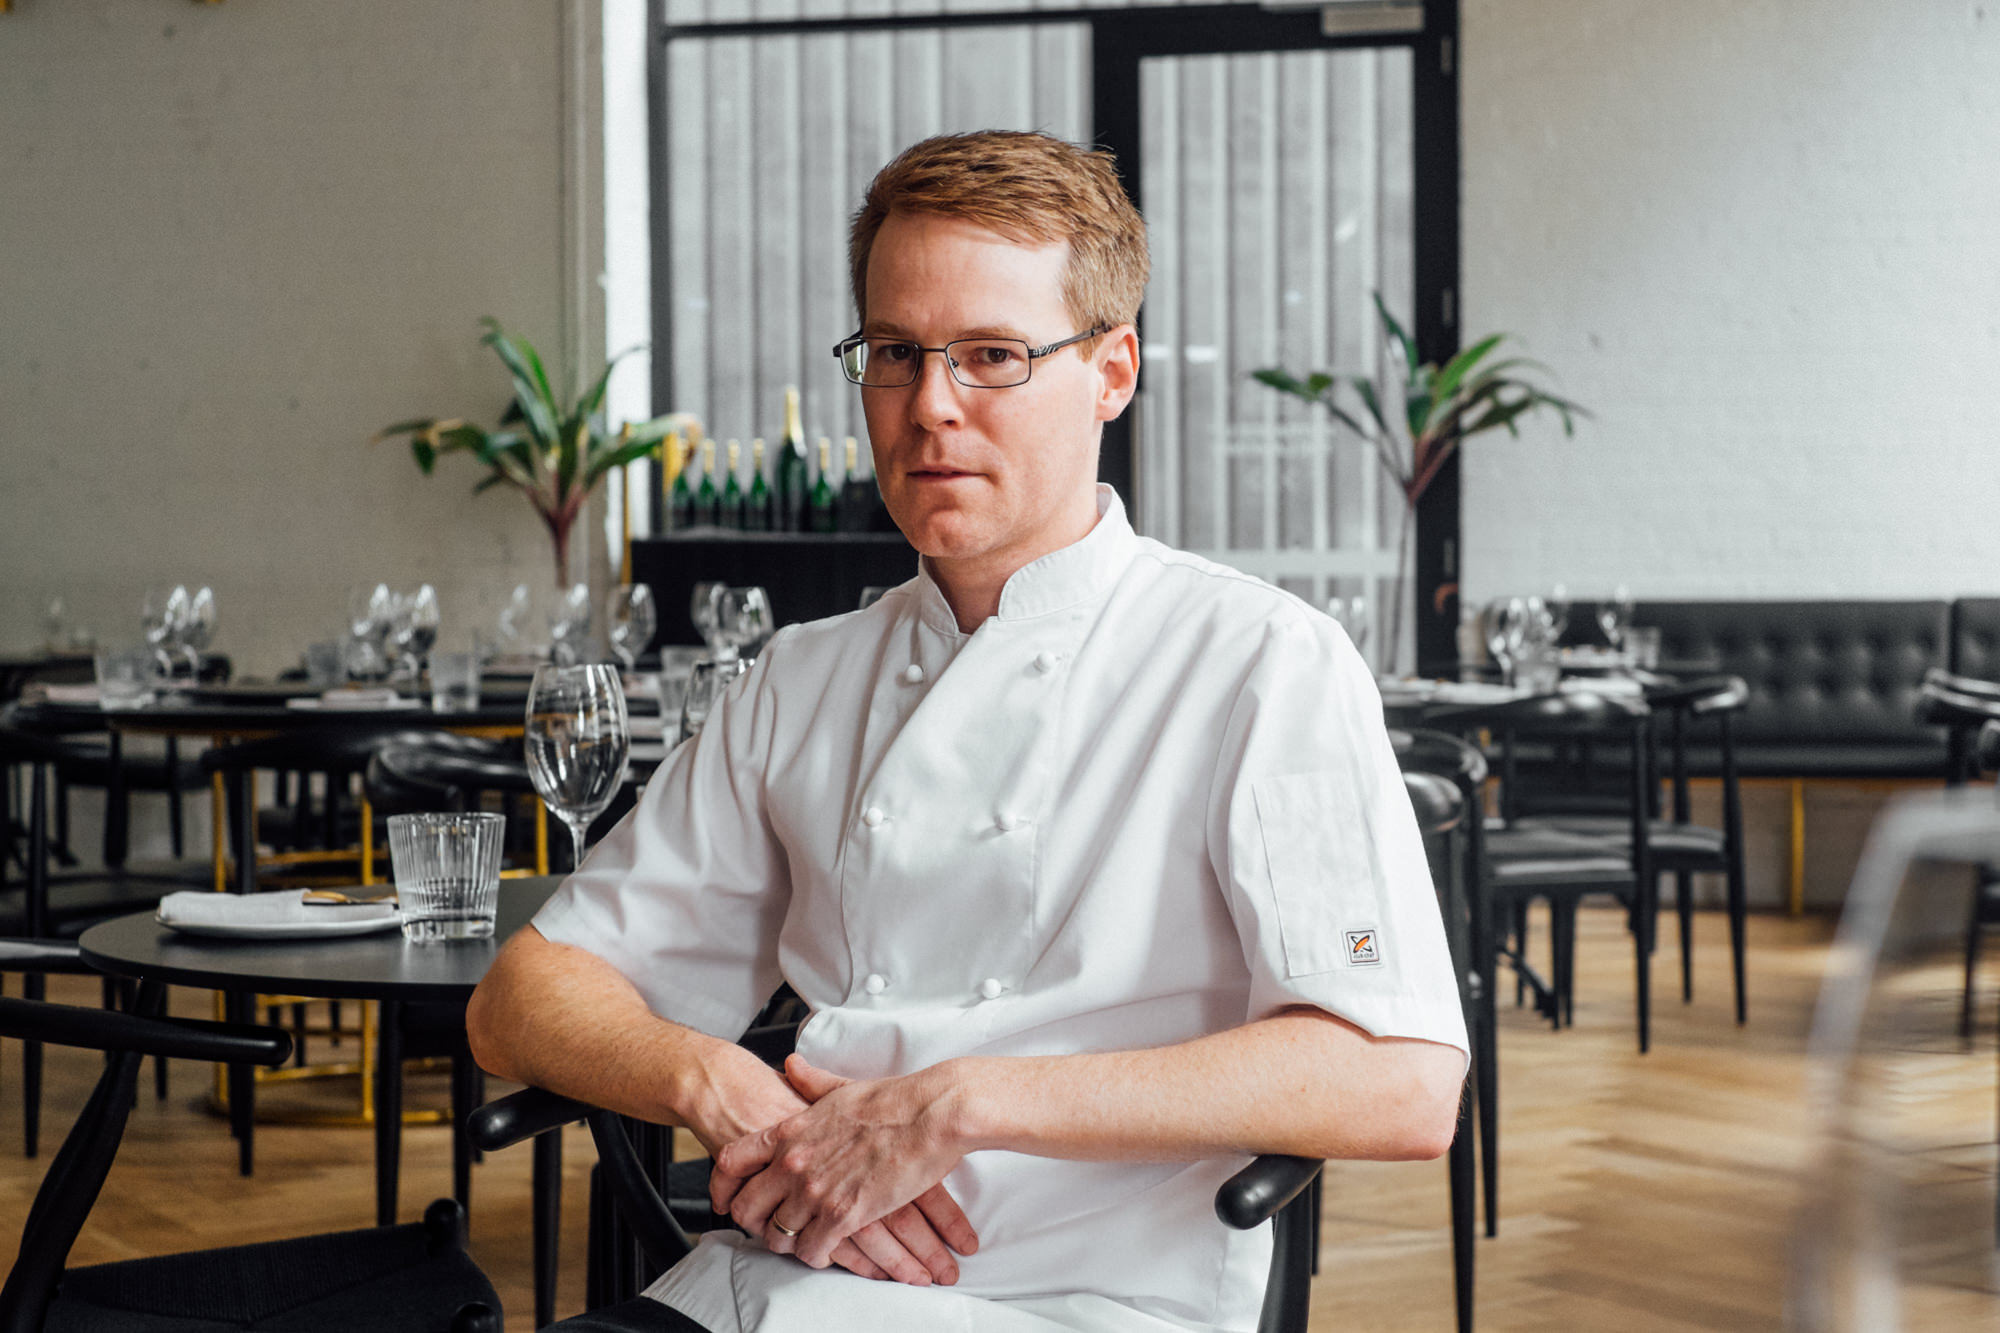 Pictured: Chef Simon Hanmer.